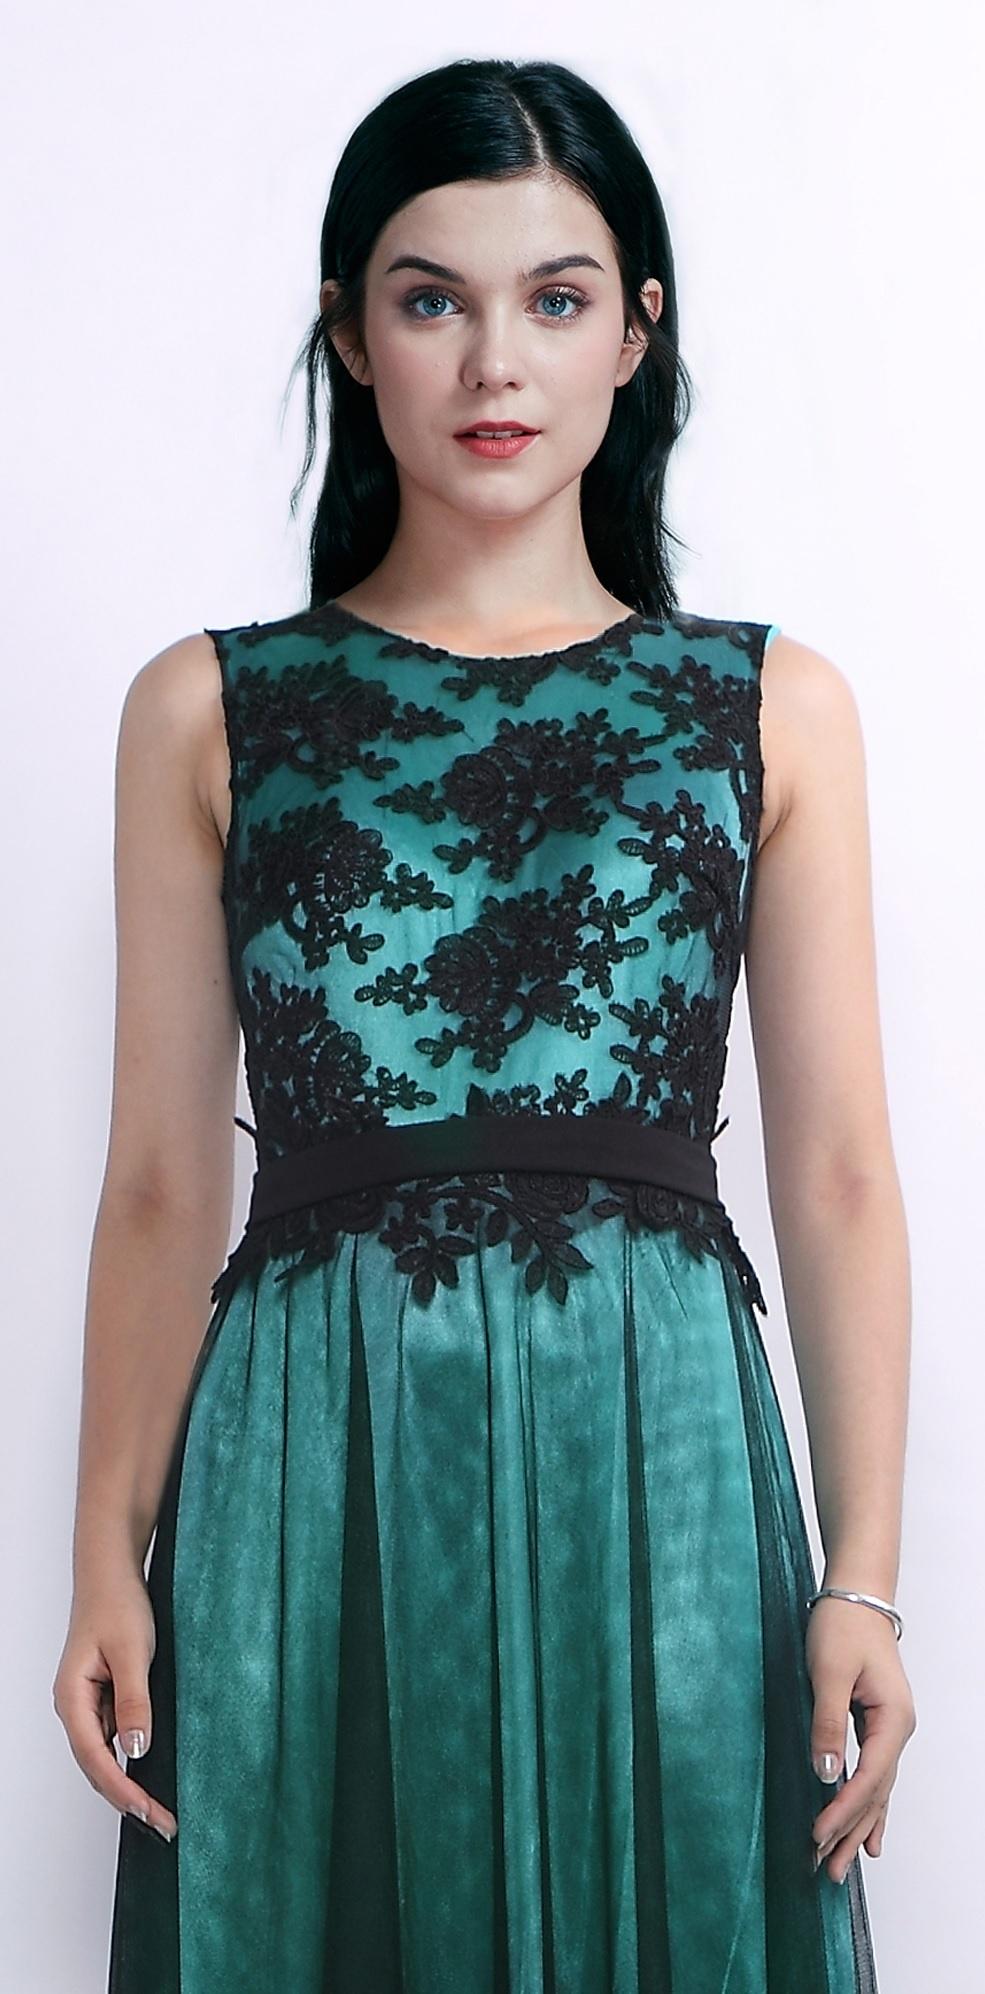 d346120918f3 ... zelené Plesové šaty Lékořice